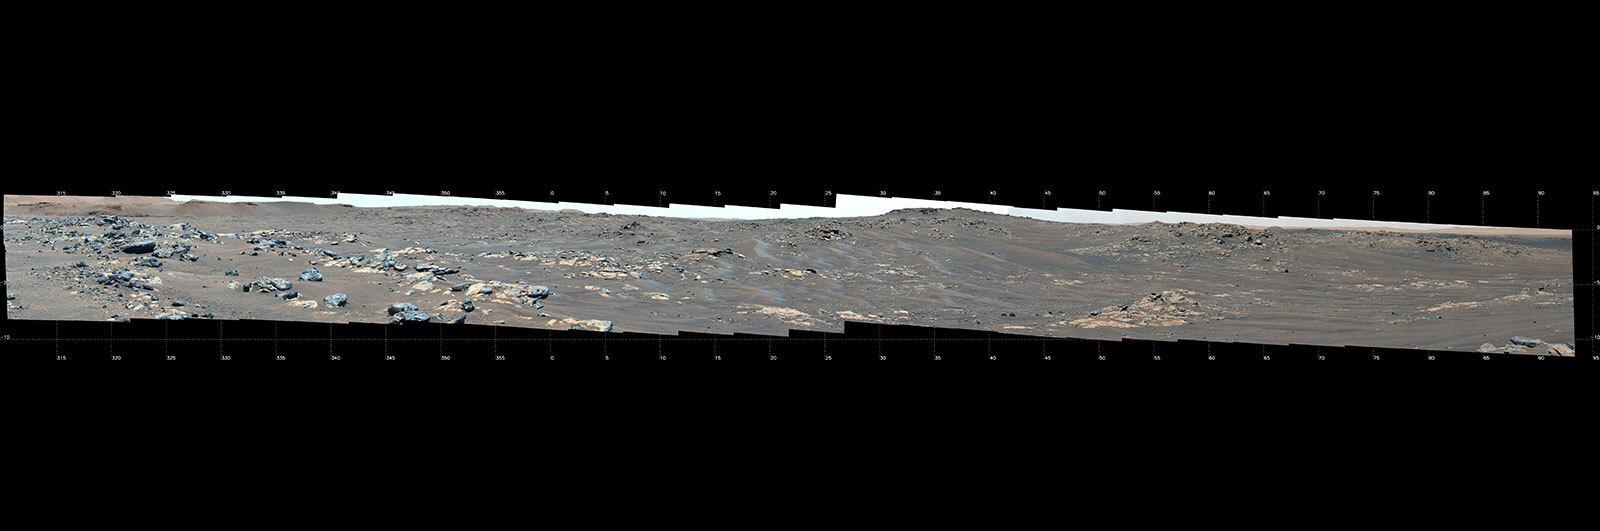 My Favorite Martian Image: the Ridges of 'South Séítah'